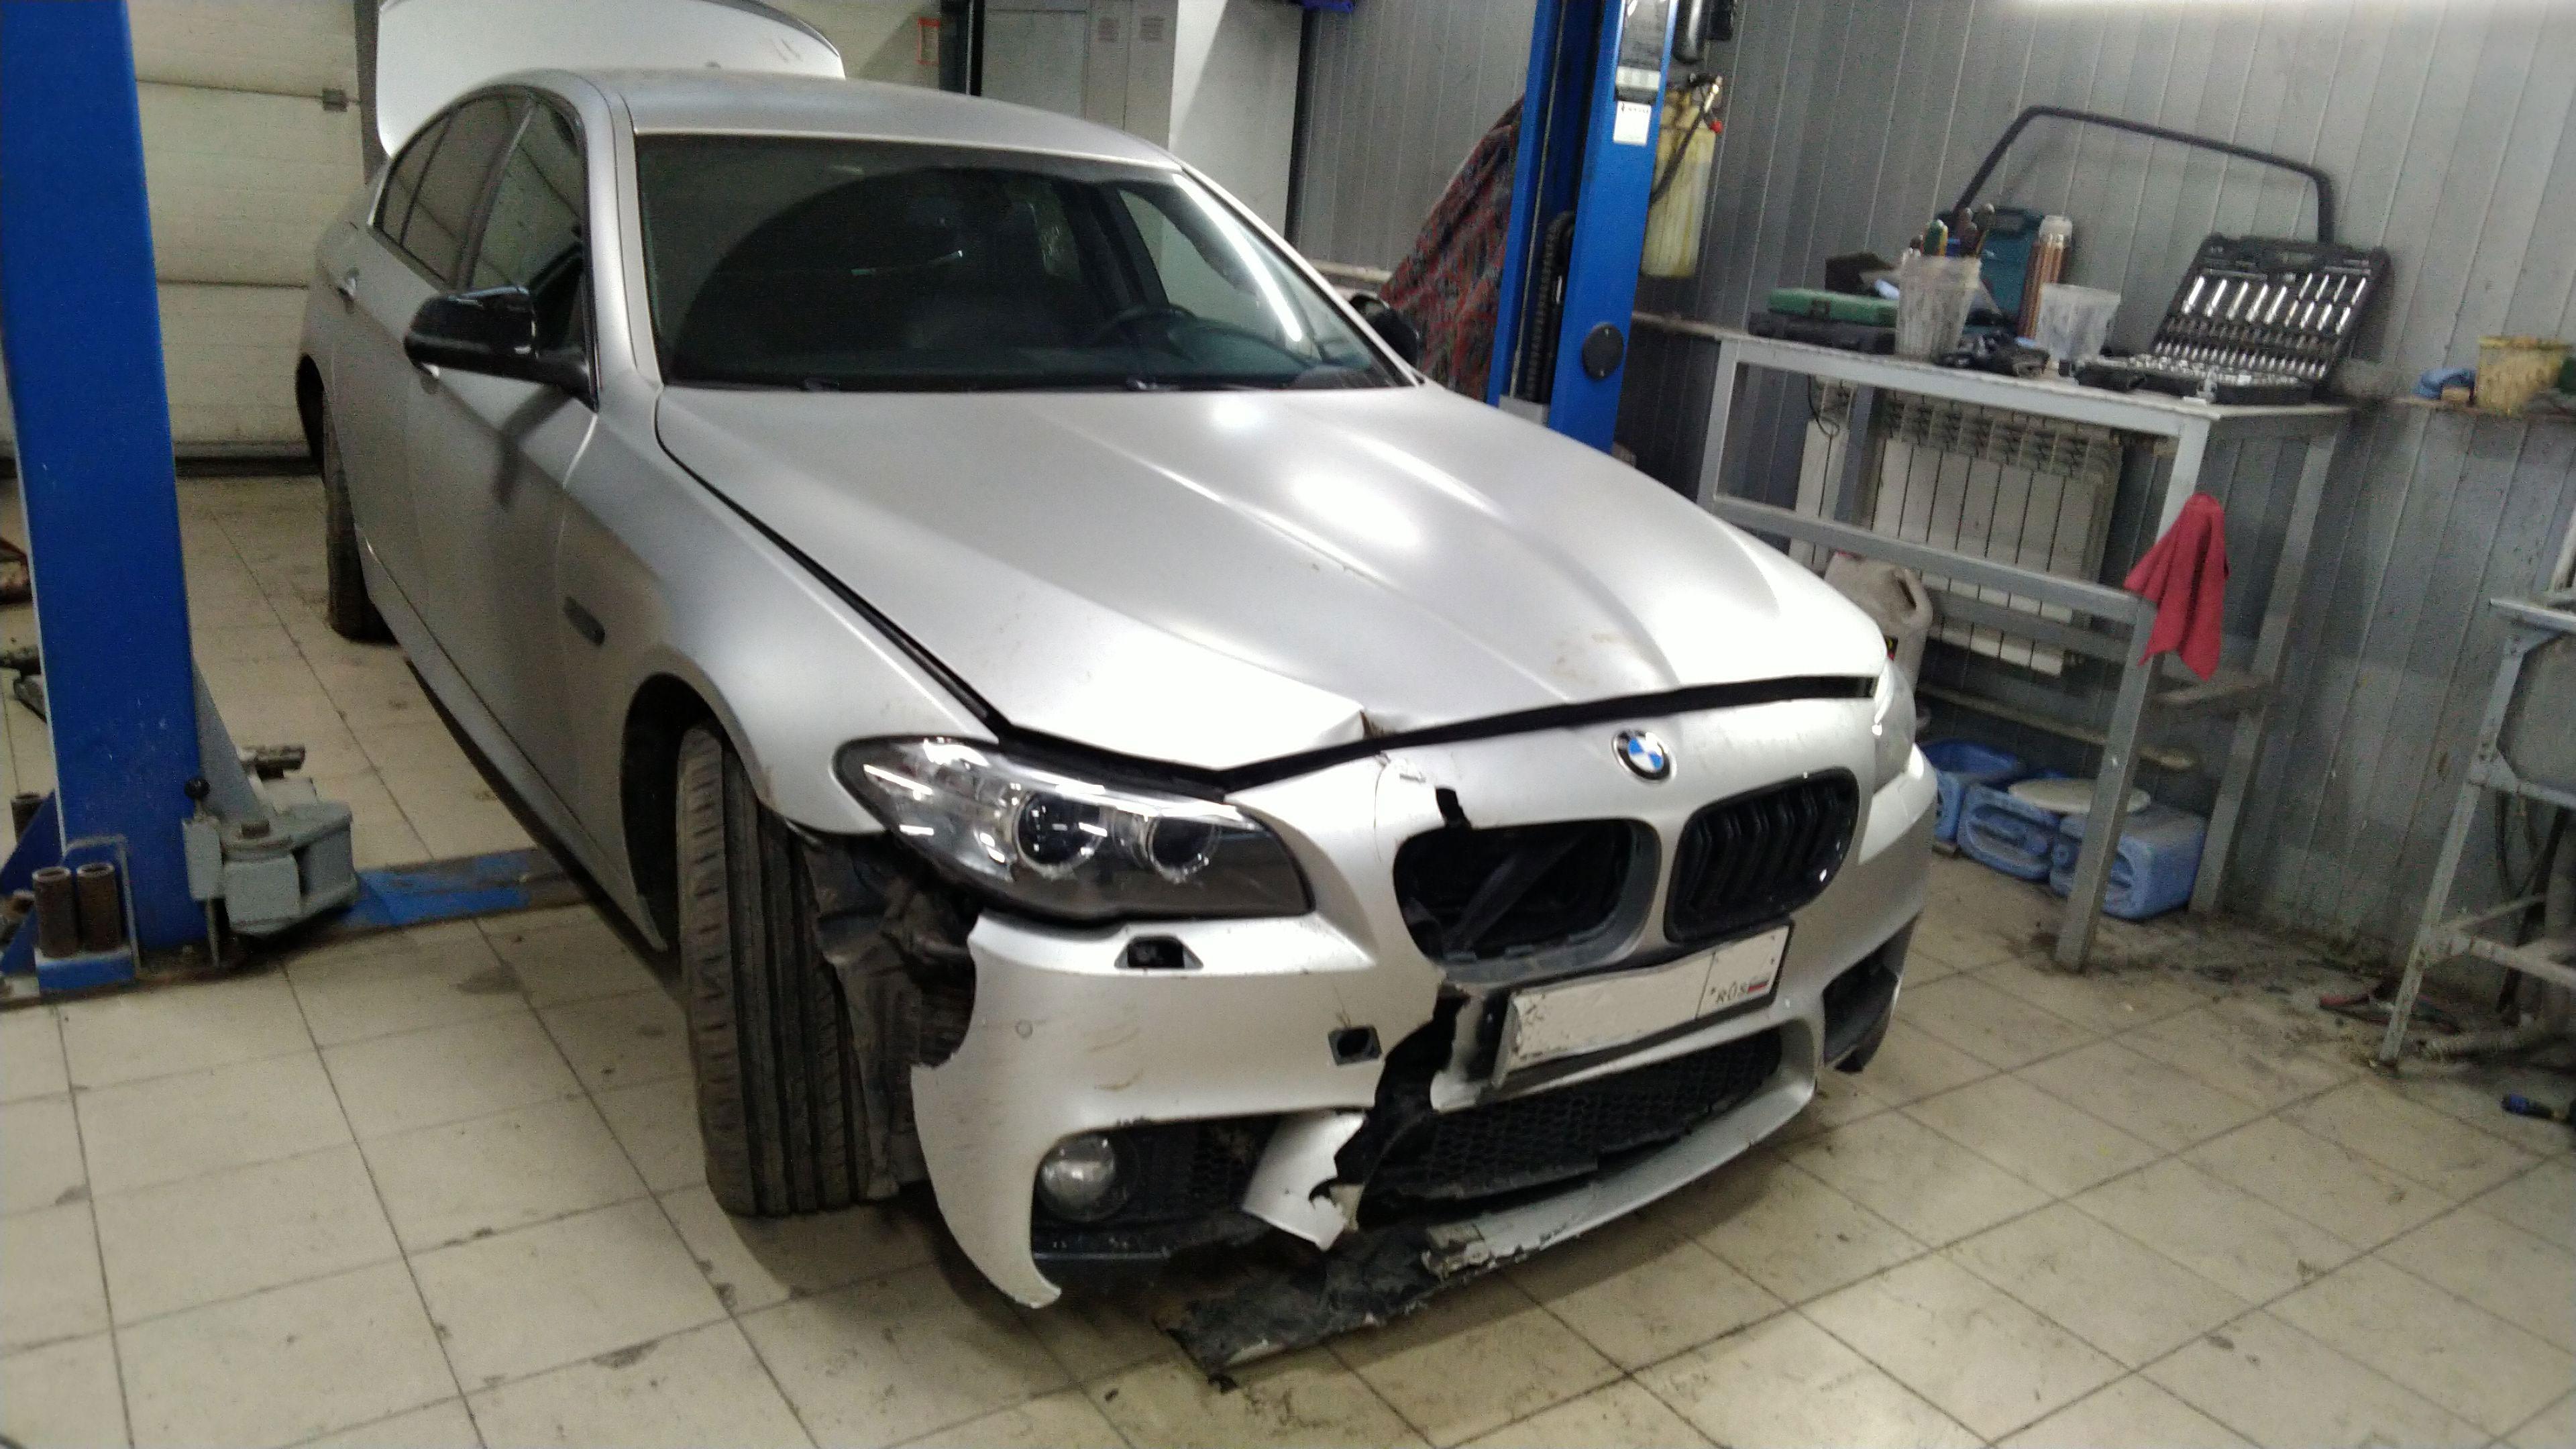 Ремонт передка BMW 5 Series в Люберцах